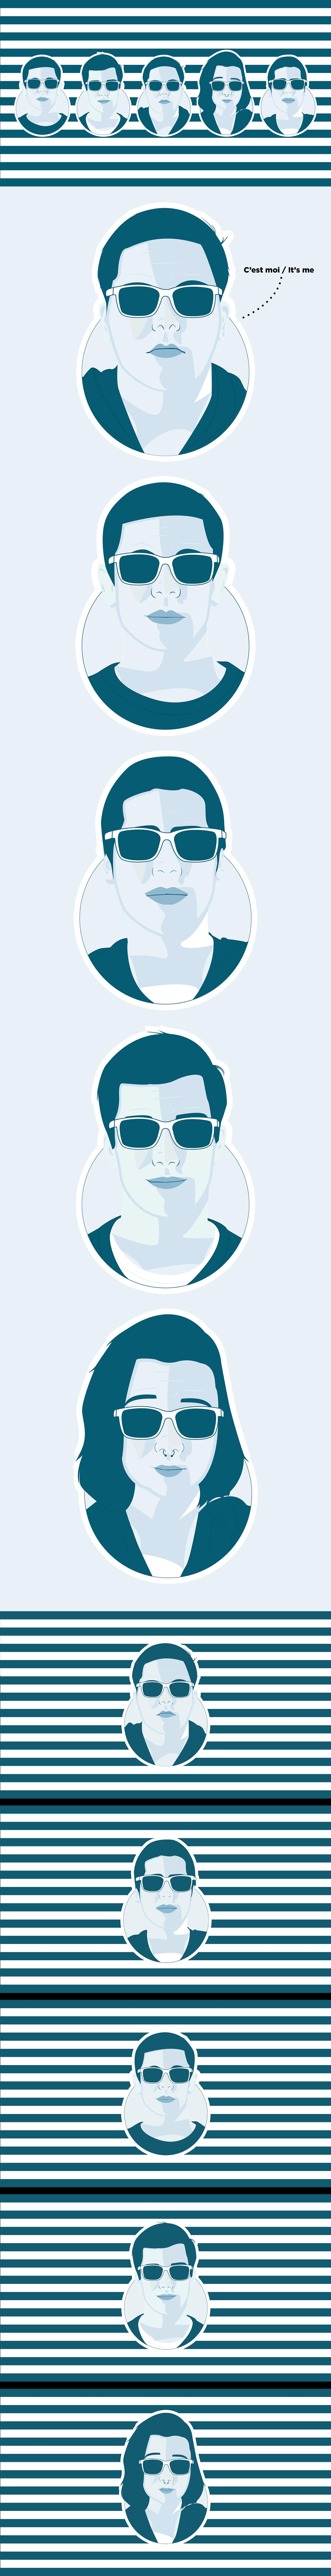 portrait self portrait ILLUSTRATION  vector graphic design